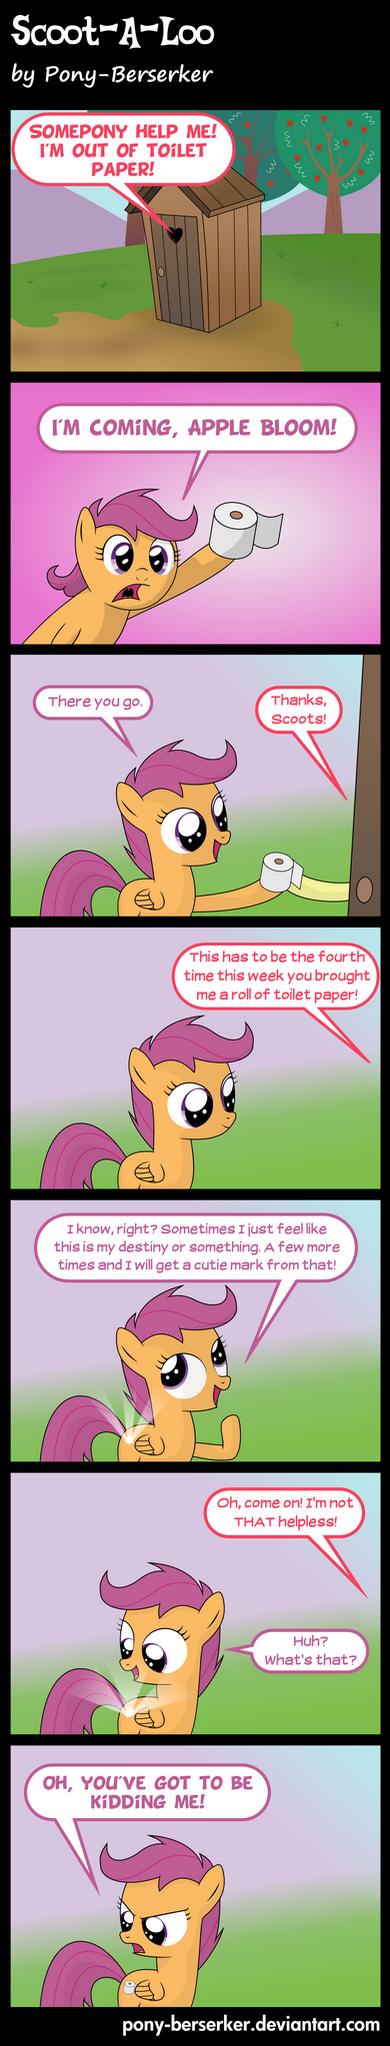 Scoot-A-Loo by Pony-Berserker